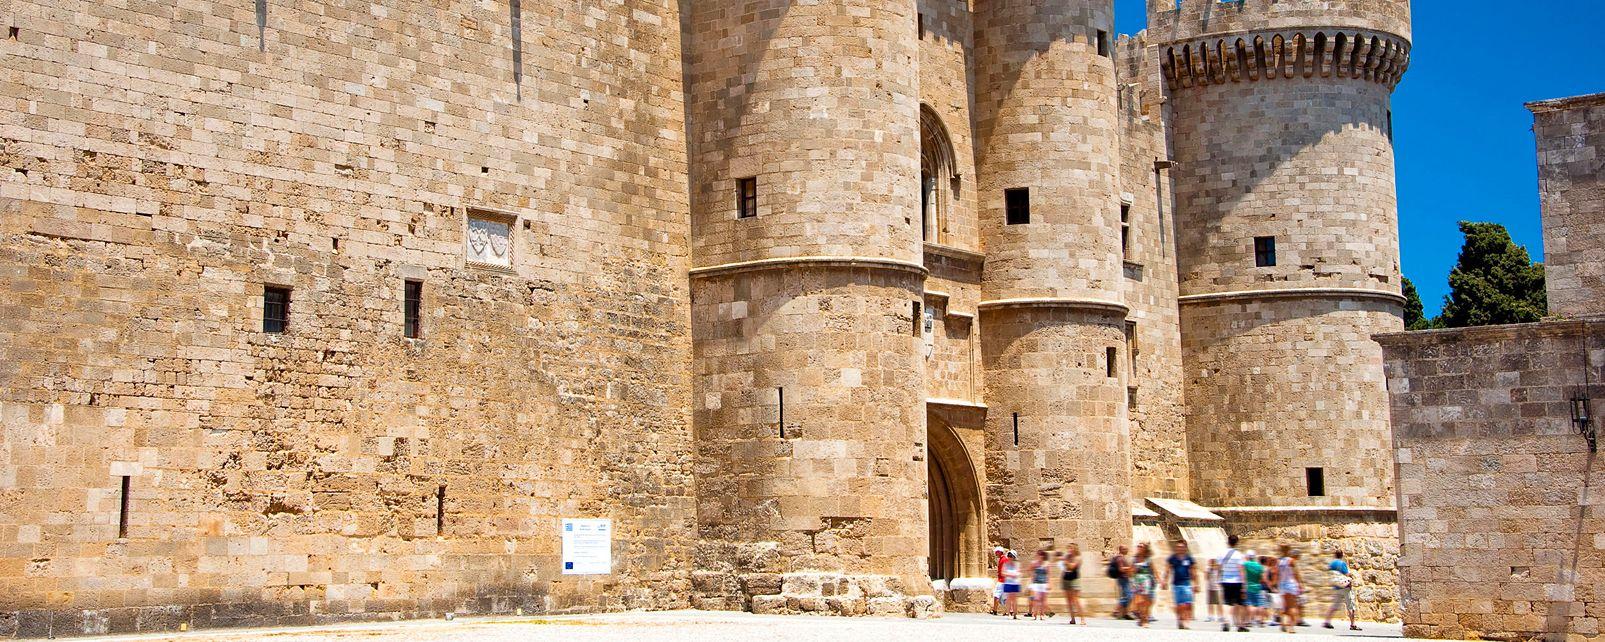 La ville médiévale de Rhodes , Grèce